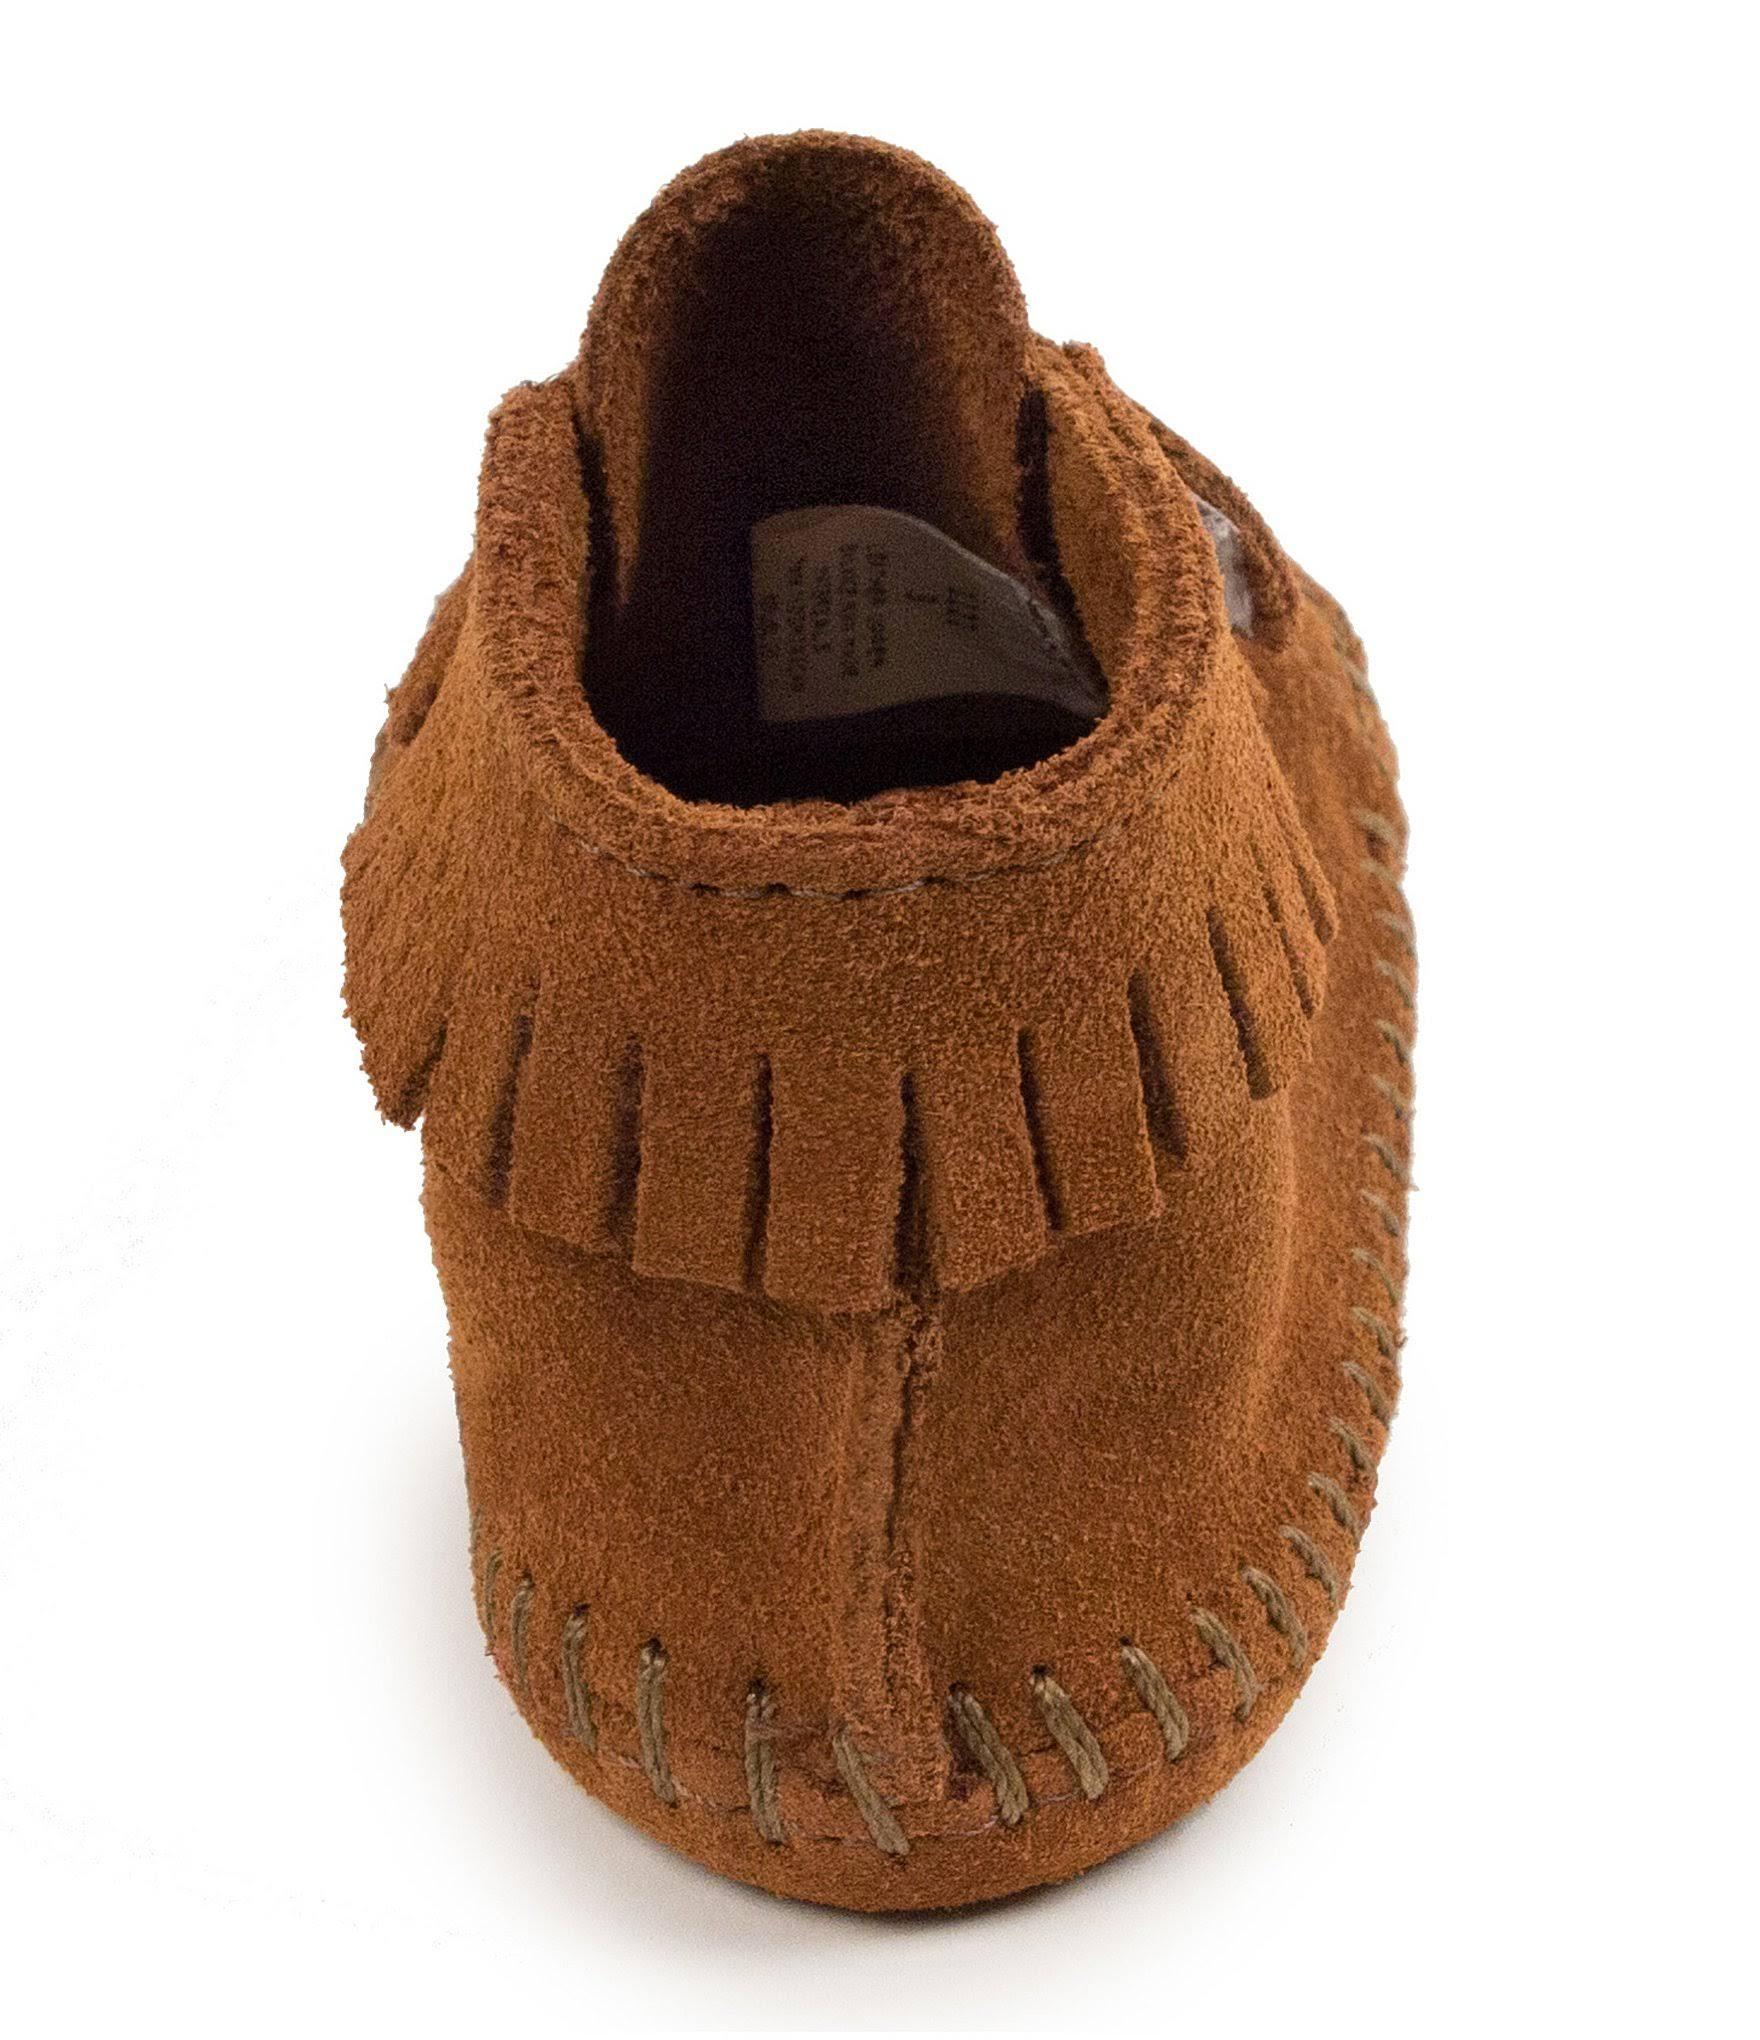 Jungen 1122 5 Wildleder Infant Weichem Minnetonka Stiefel Frontriemen Brown Aus FPqxwnRp4v